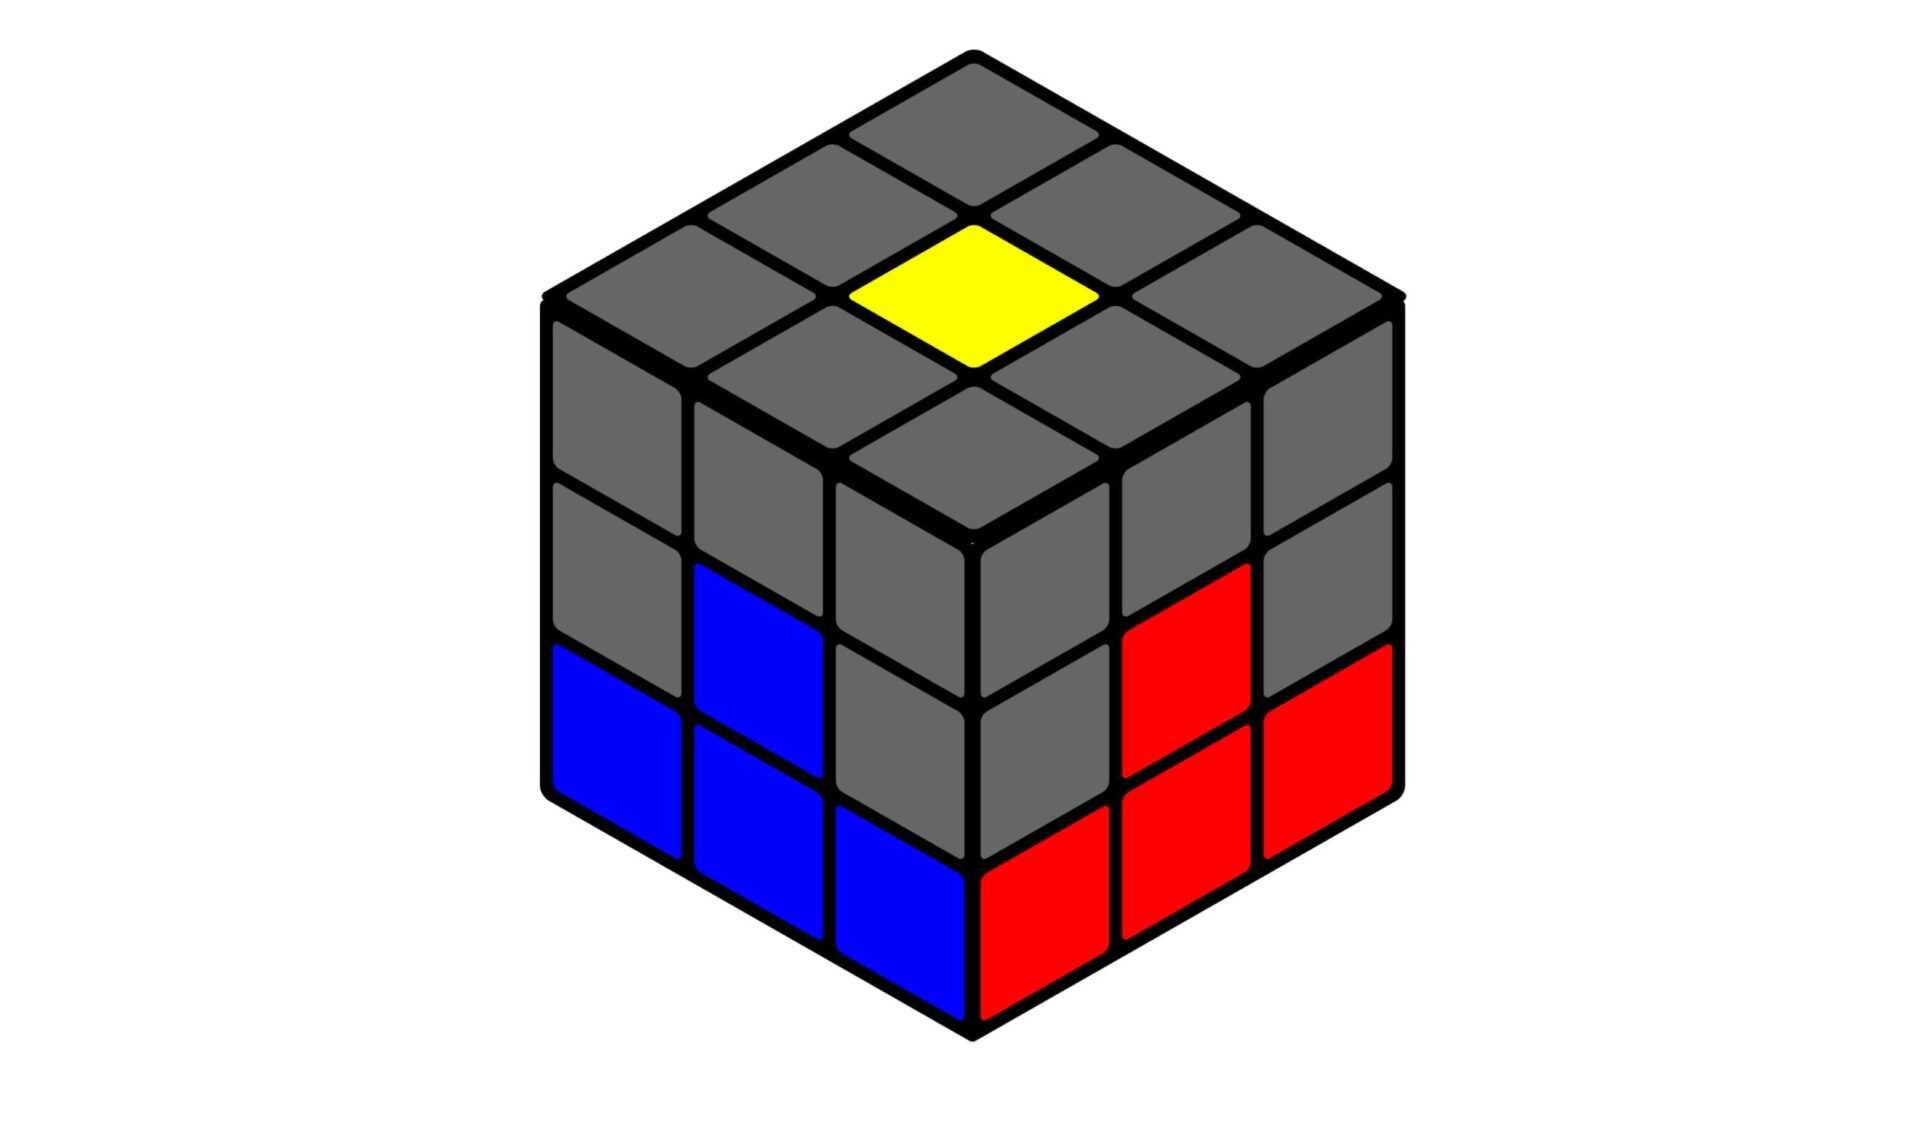 Кубик Рубика снизу